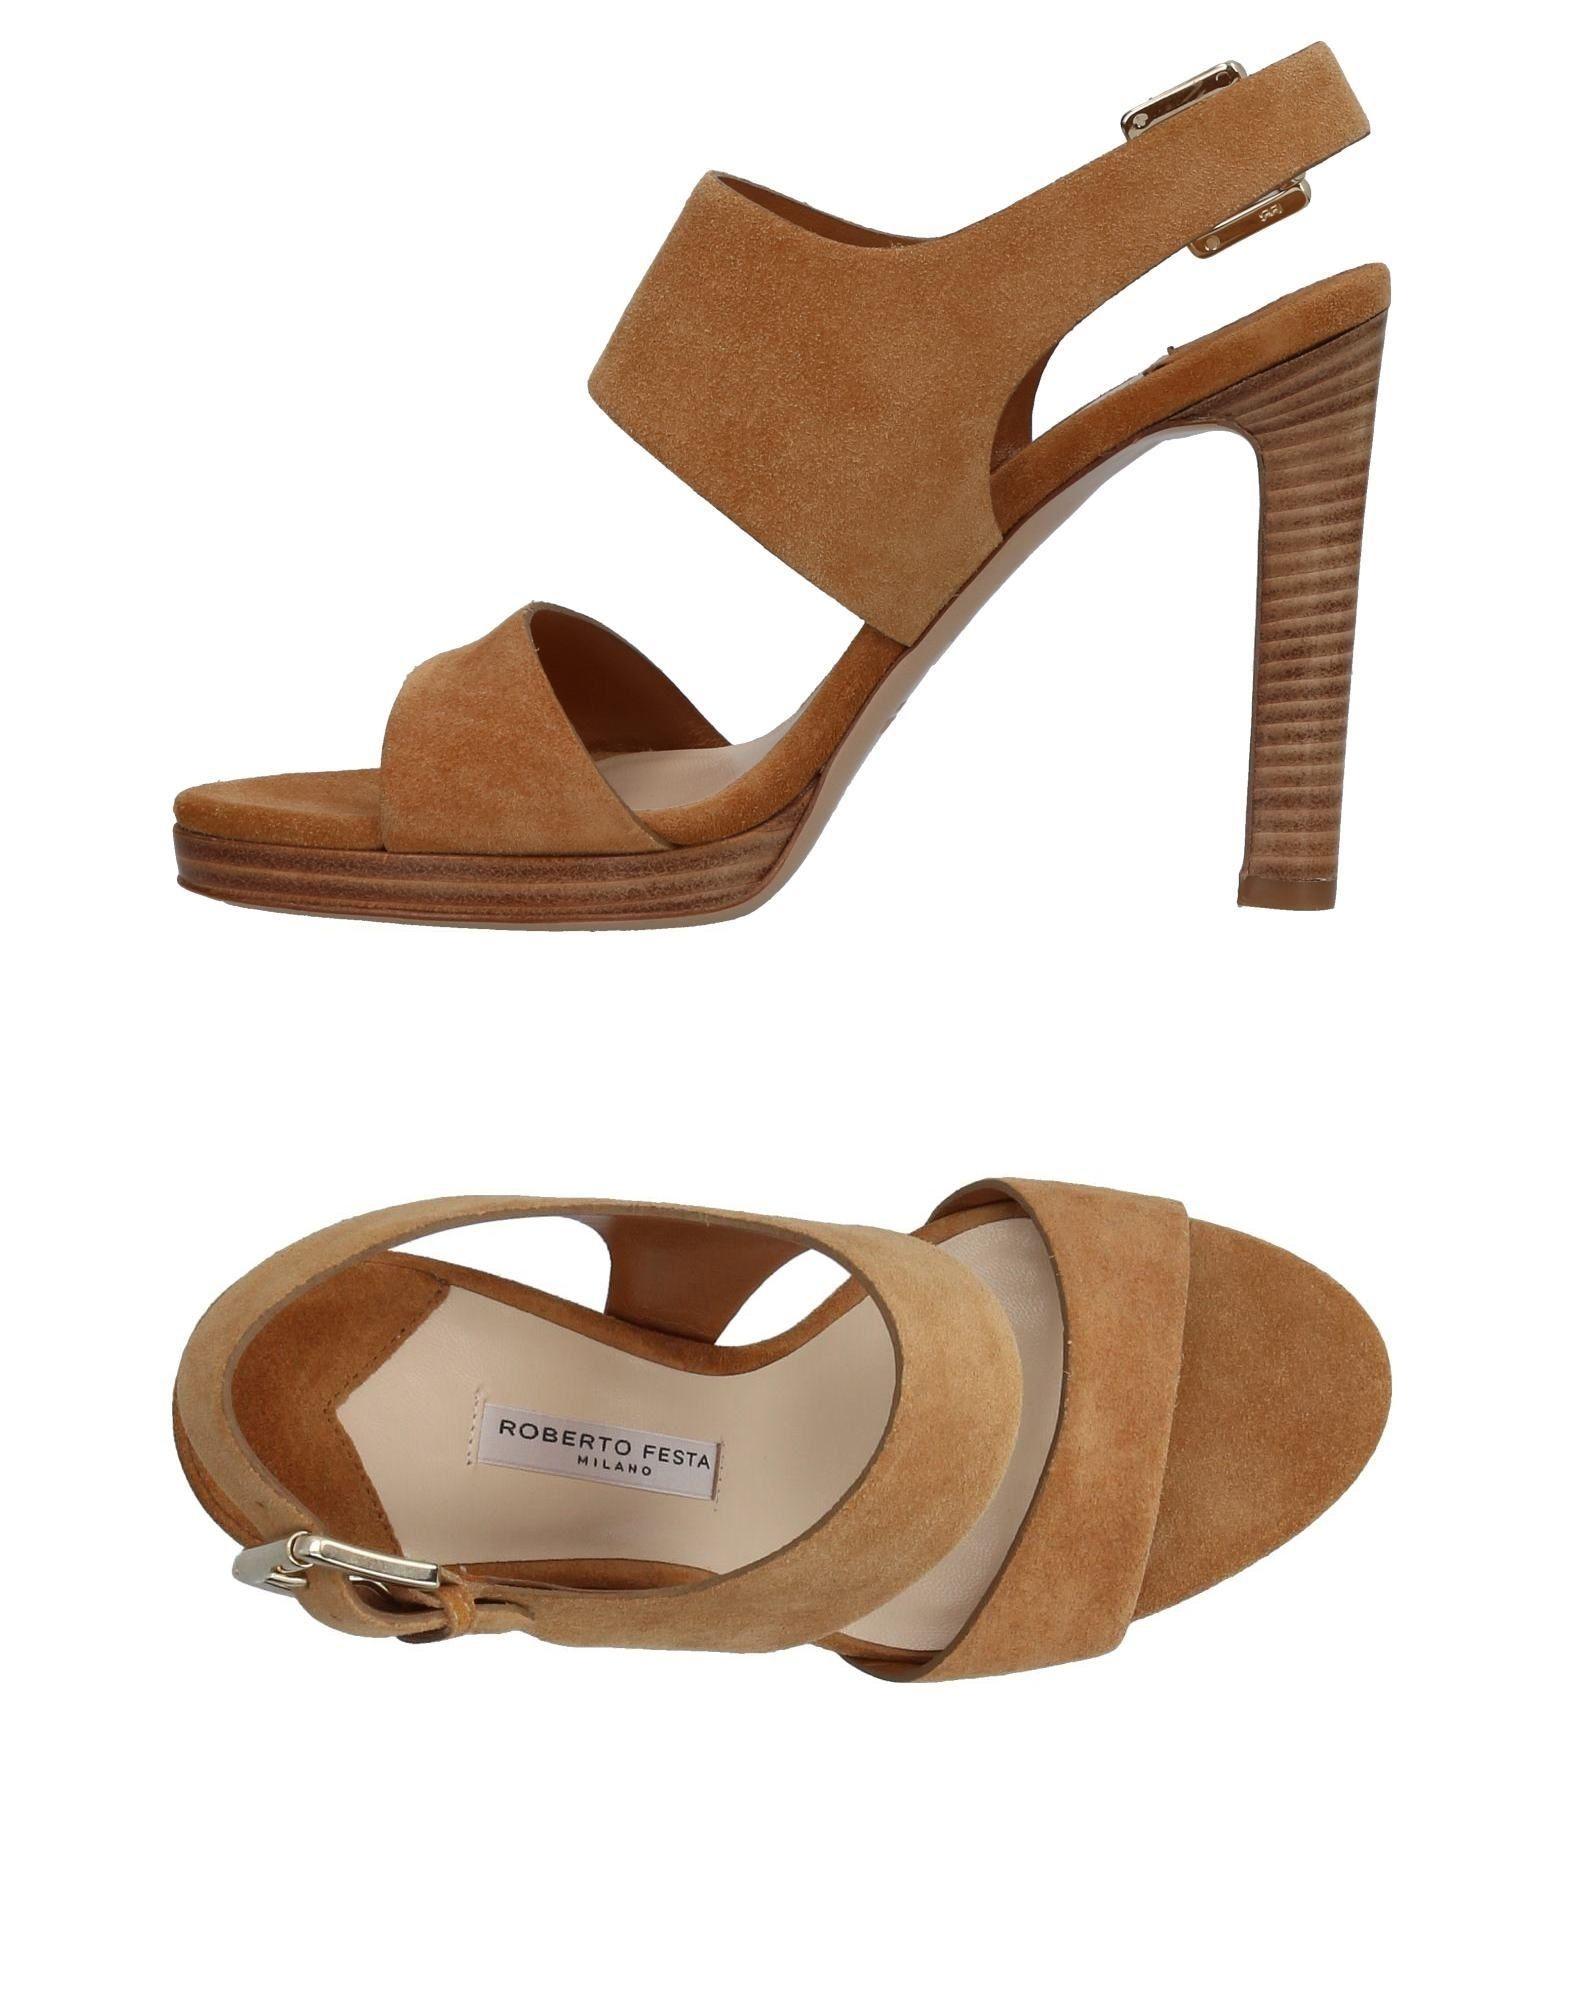 Roberto Festa Sandalen Damen  11384856VF Gute Qualität beliebte Schuhe